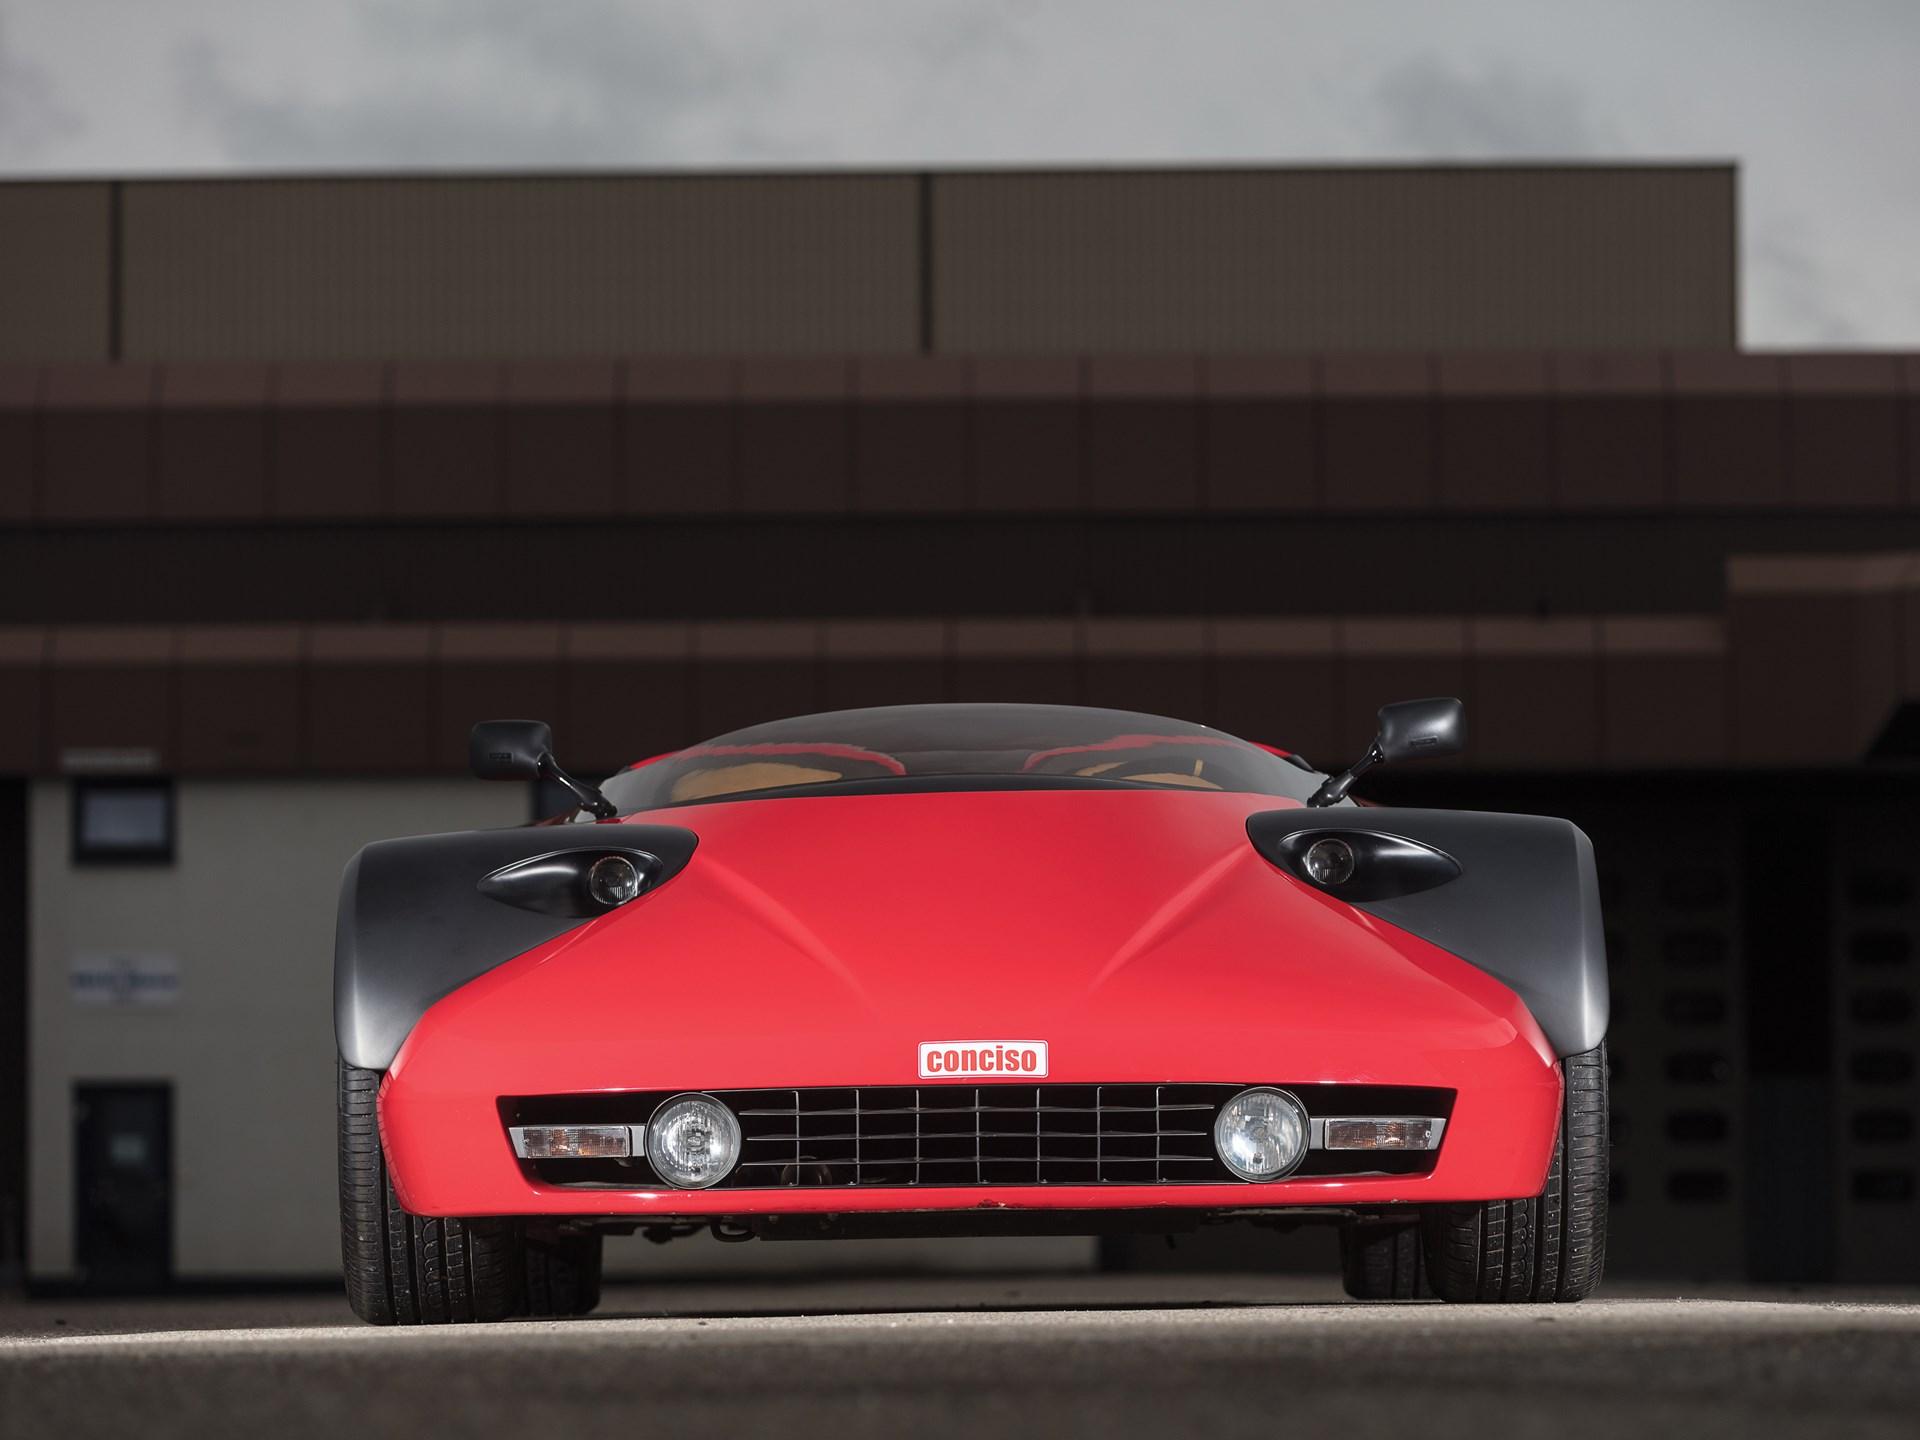 1993 Ferrari Conciso